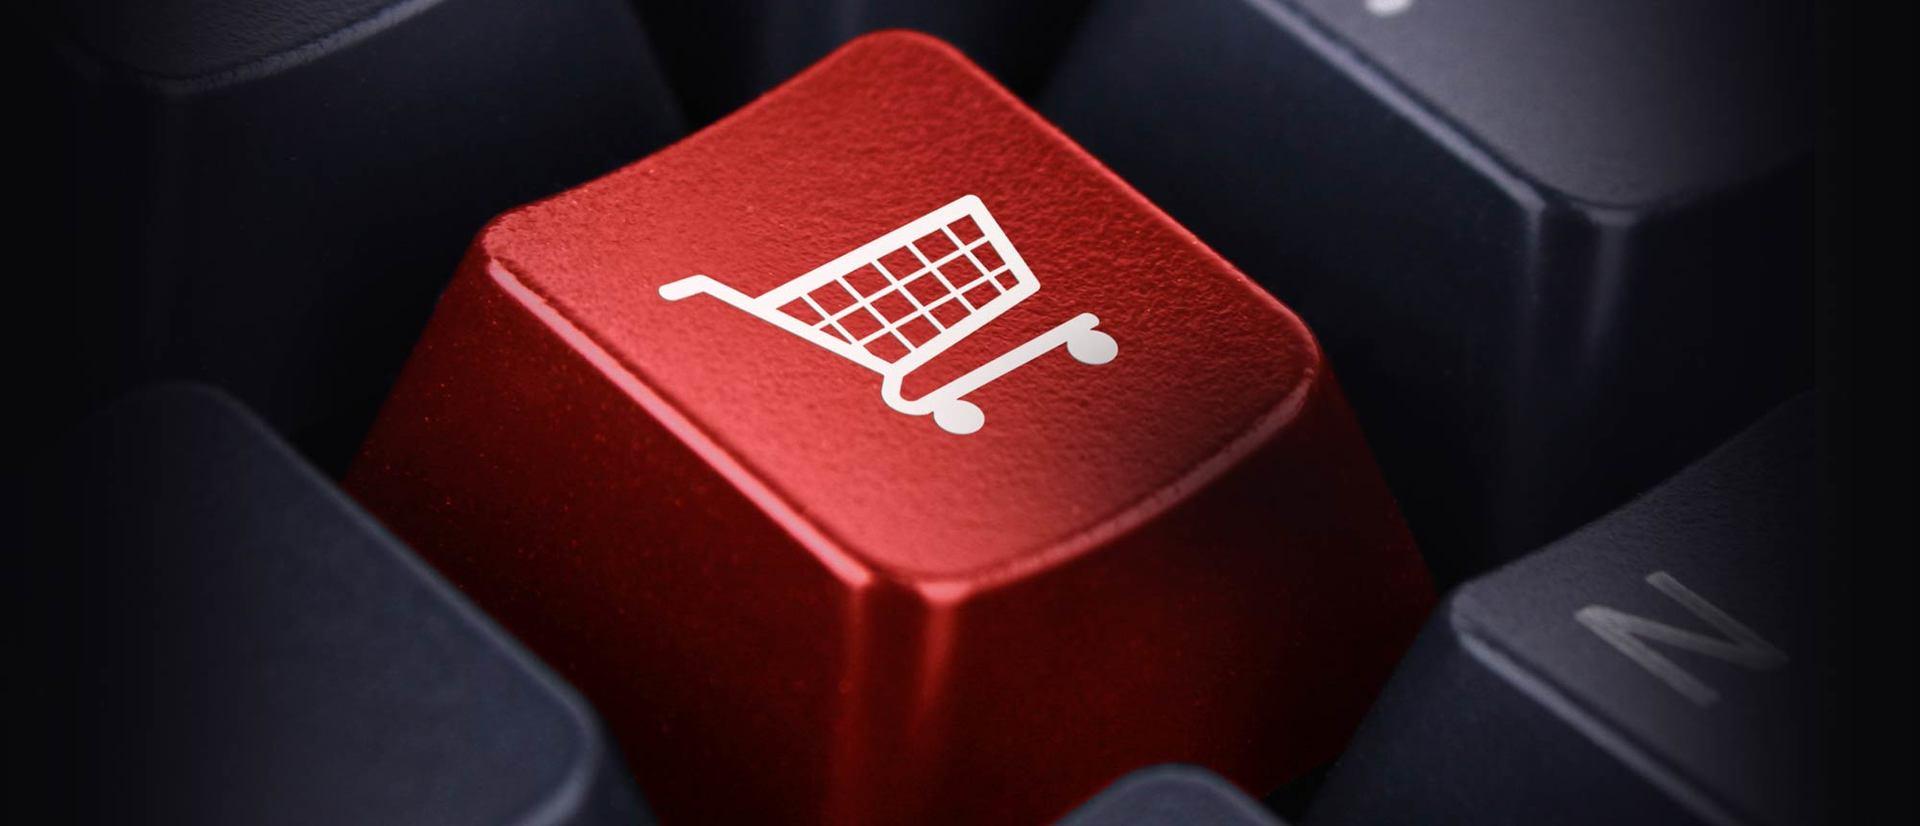 Интернет магазин с нуля. Часть 2: Бизнес модель и некоторые правила - 1